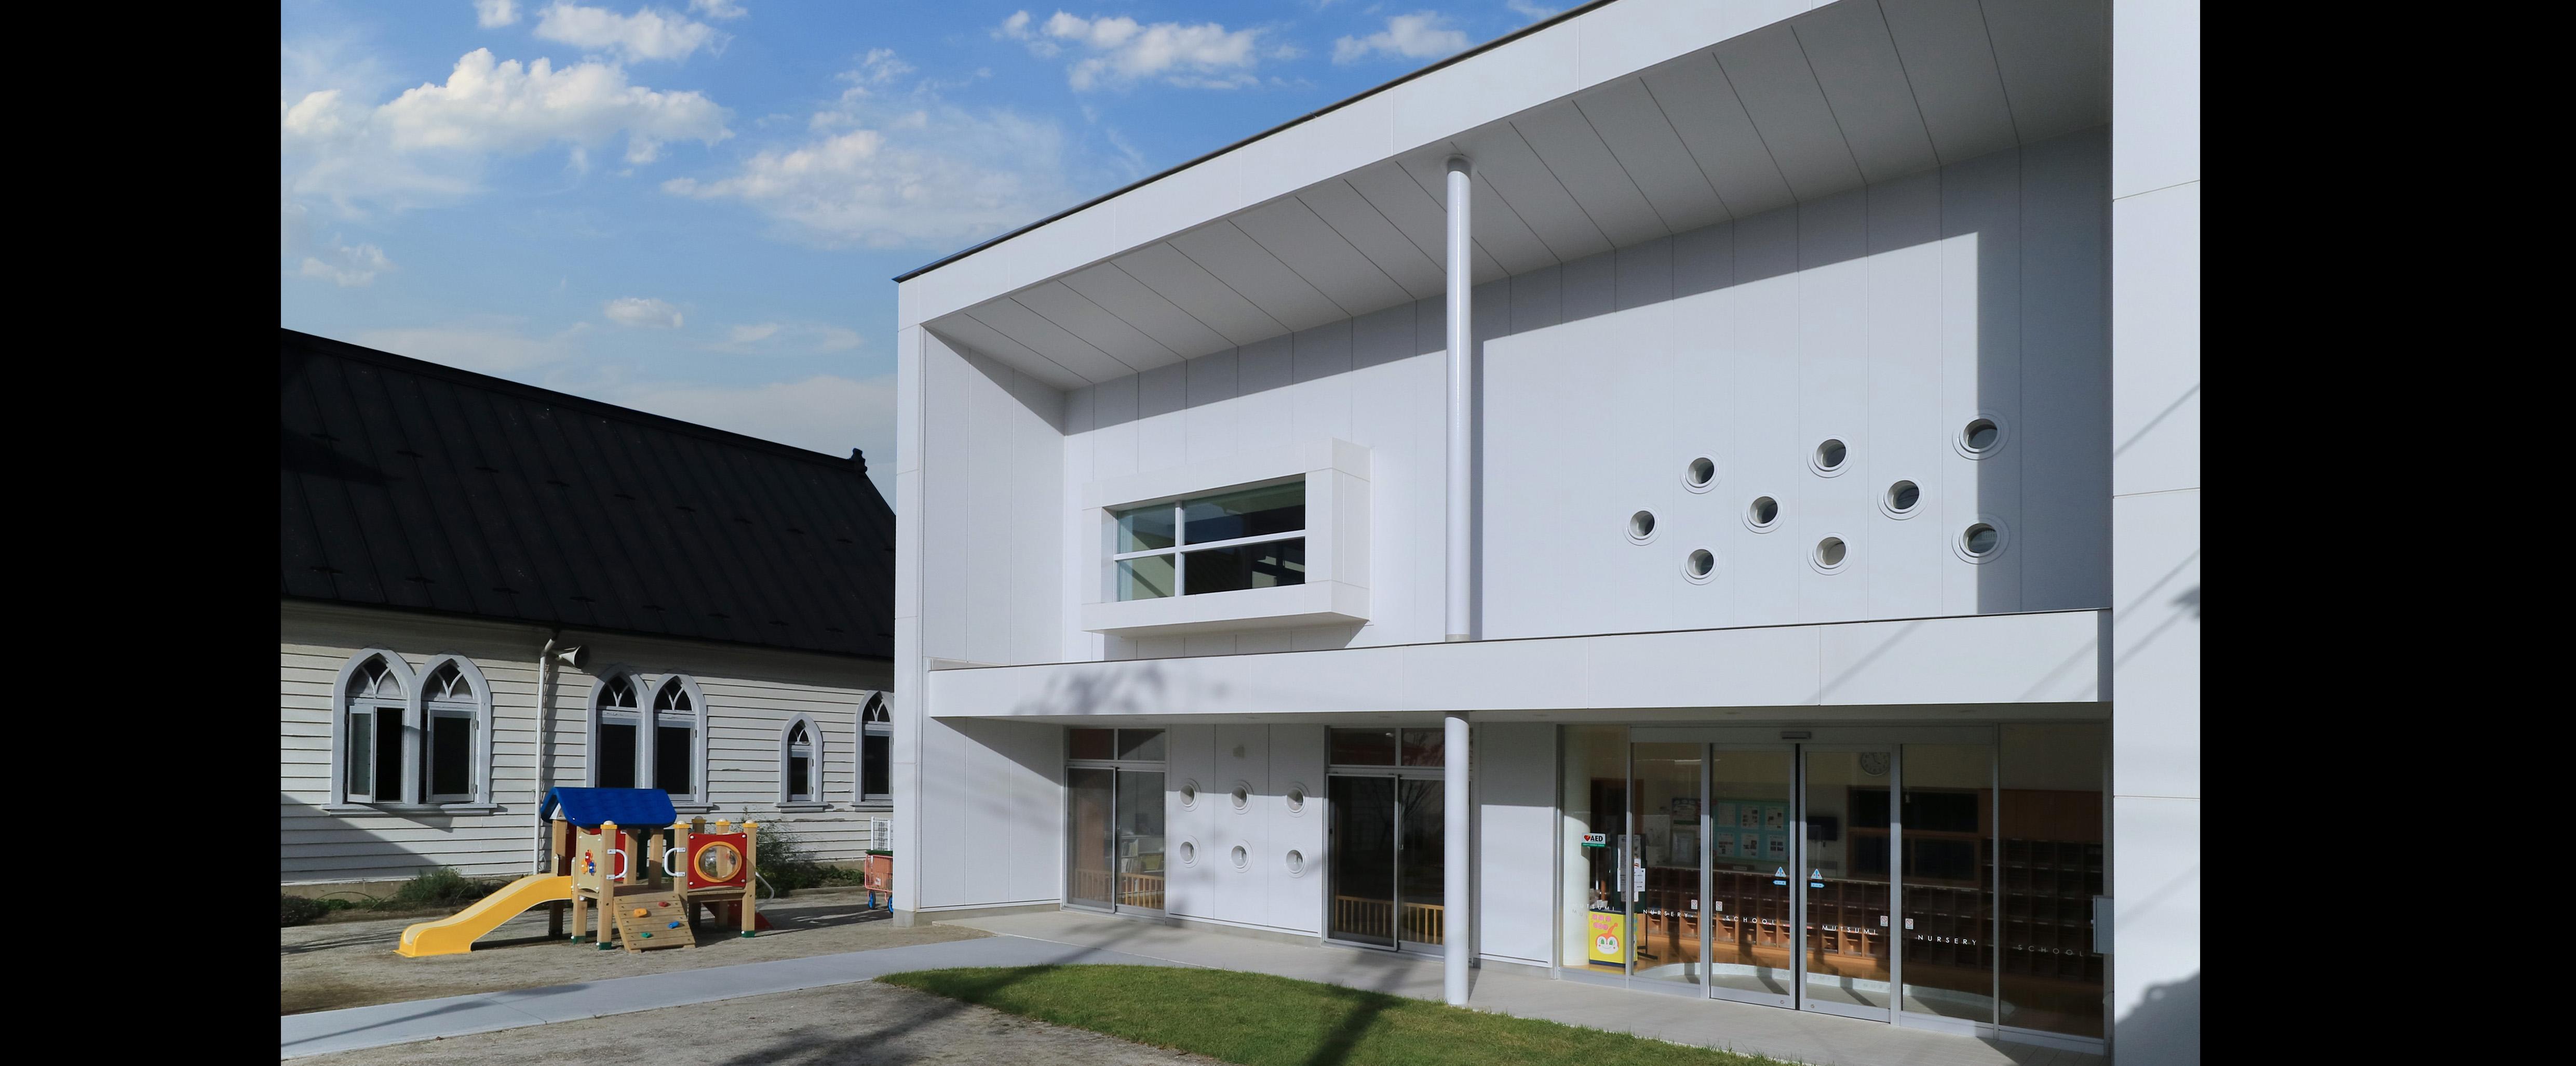 登録有形文化財日本基督教団一関教会|社会福祉法人希望の光 睦保育園